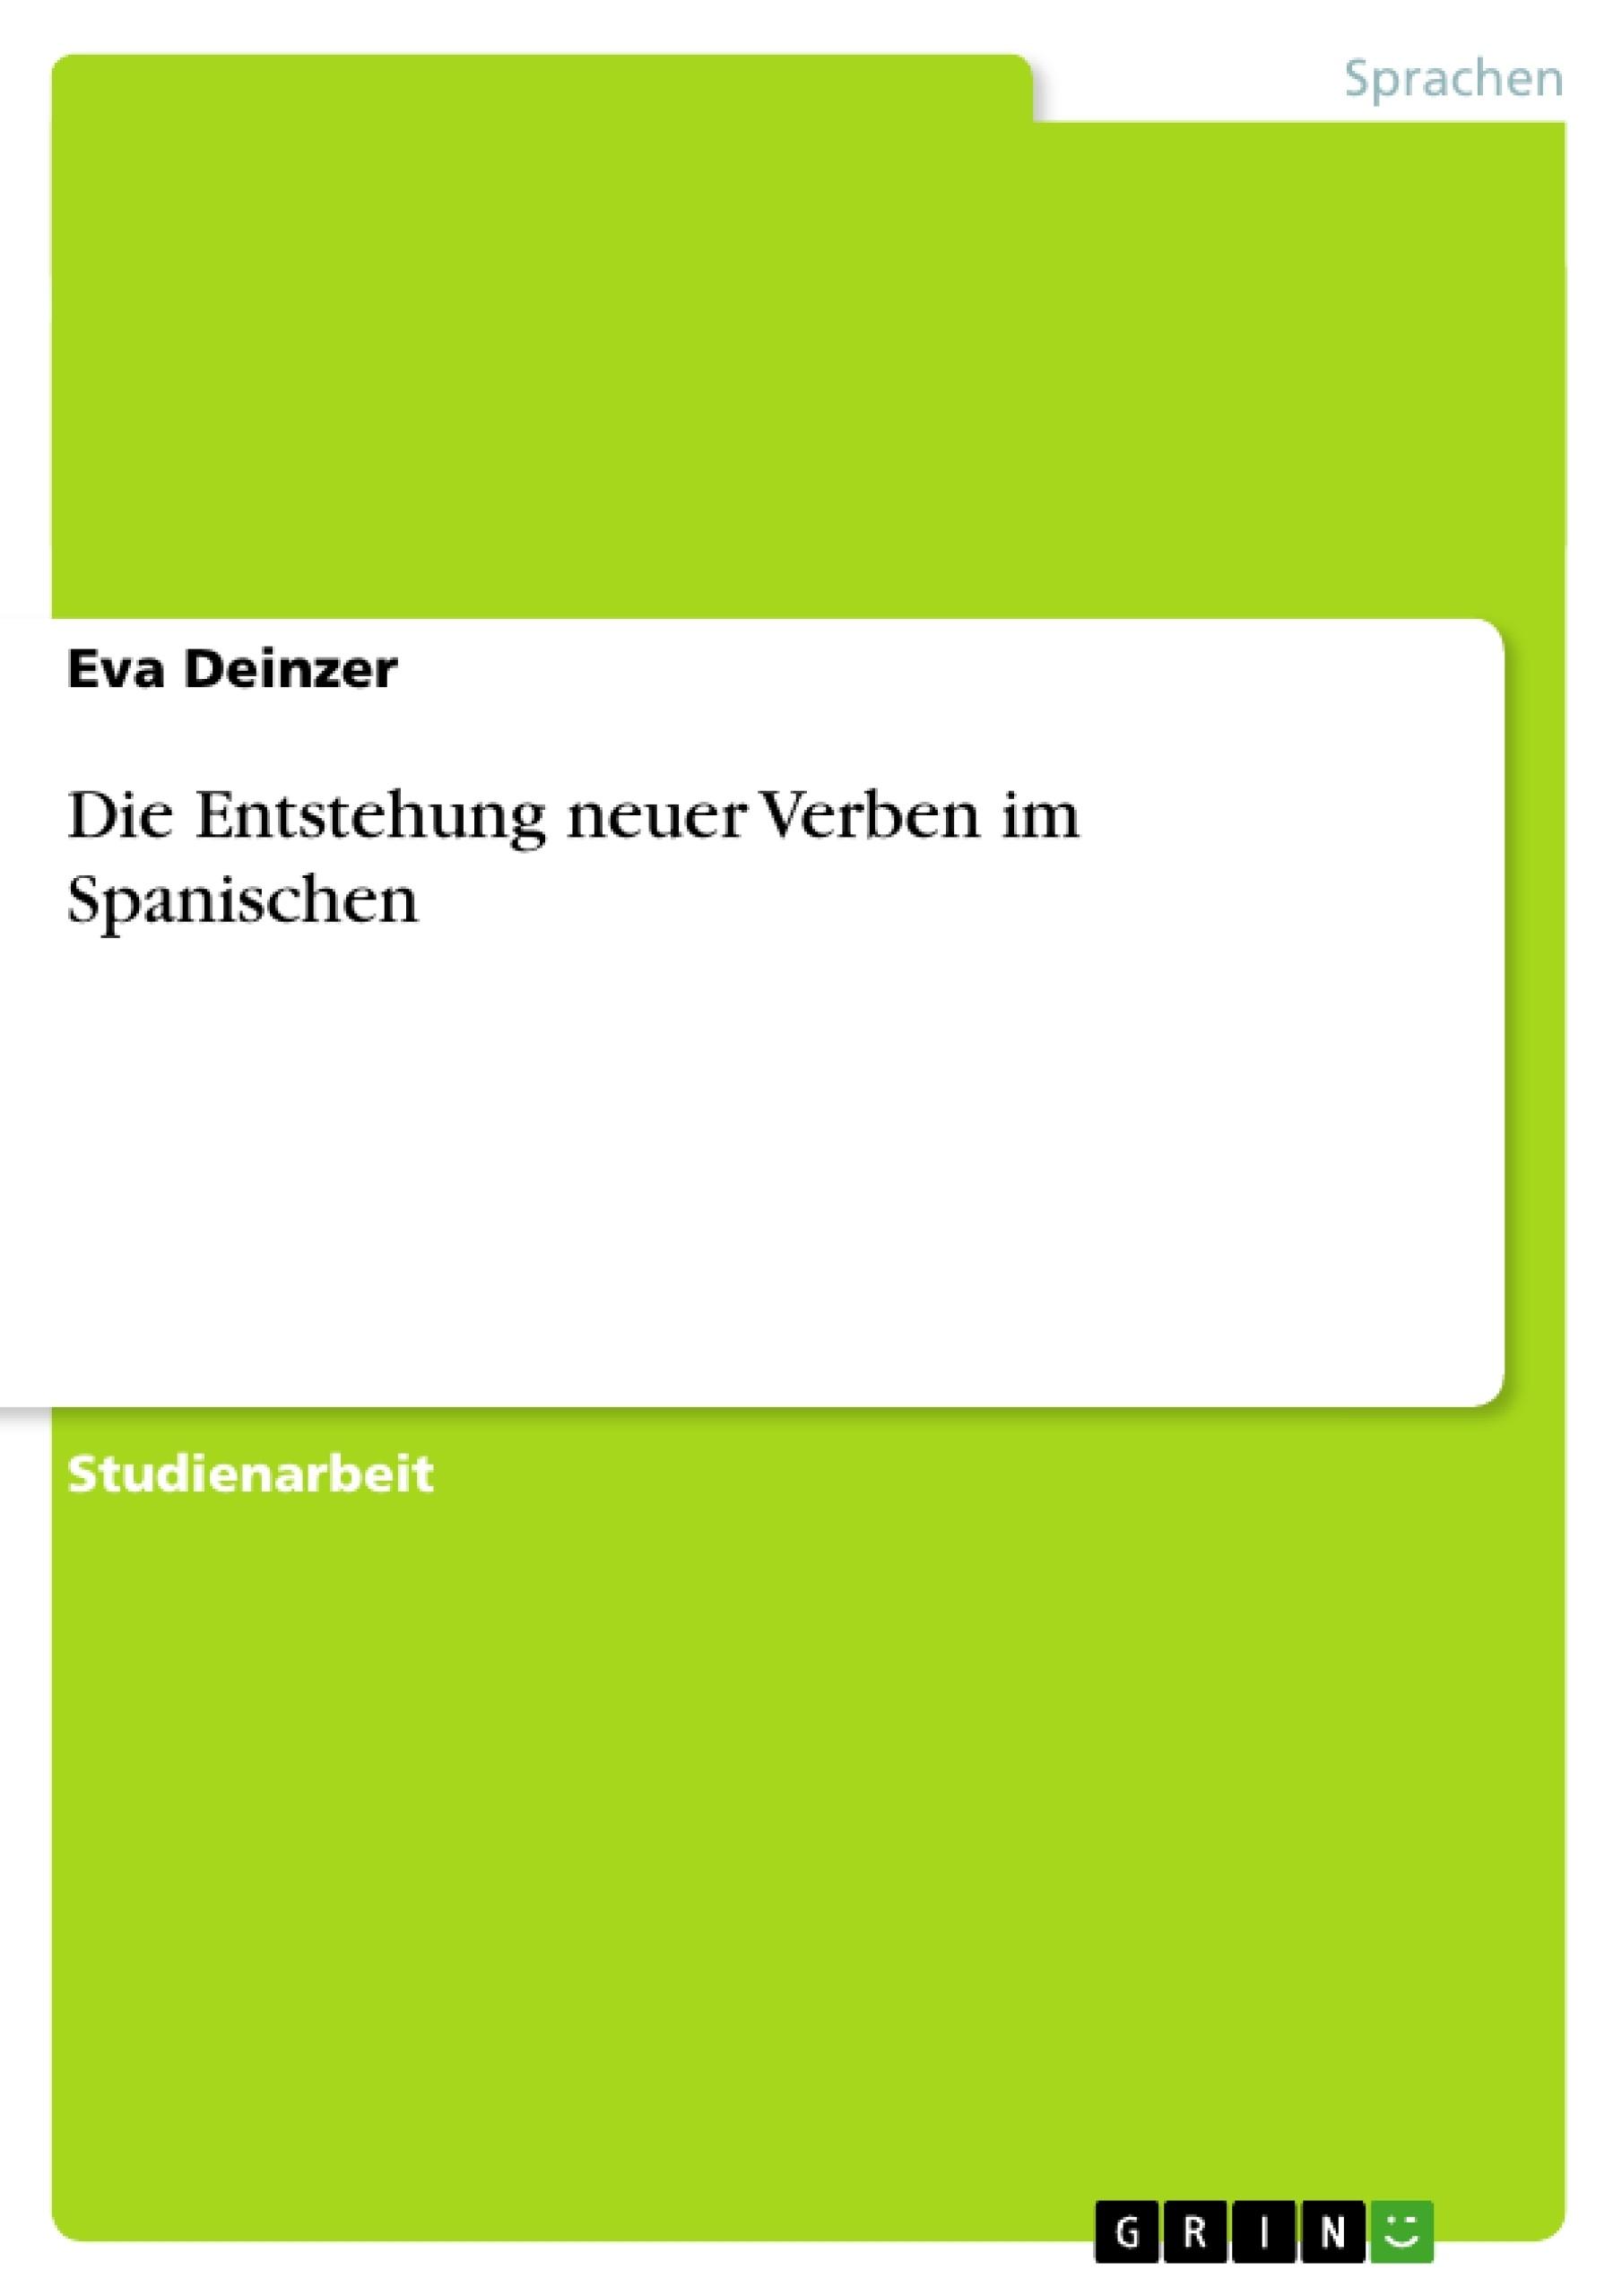 Titel: Die Entstehung neuer Verben im Spanischen